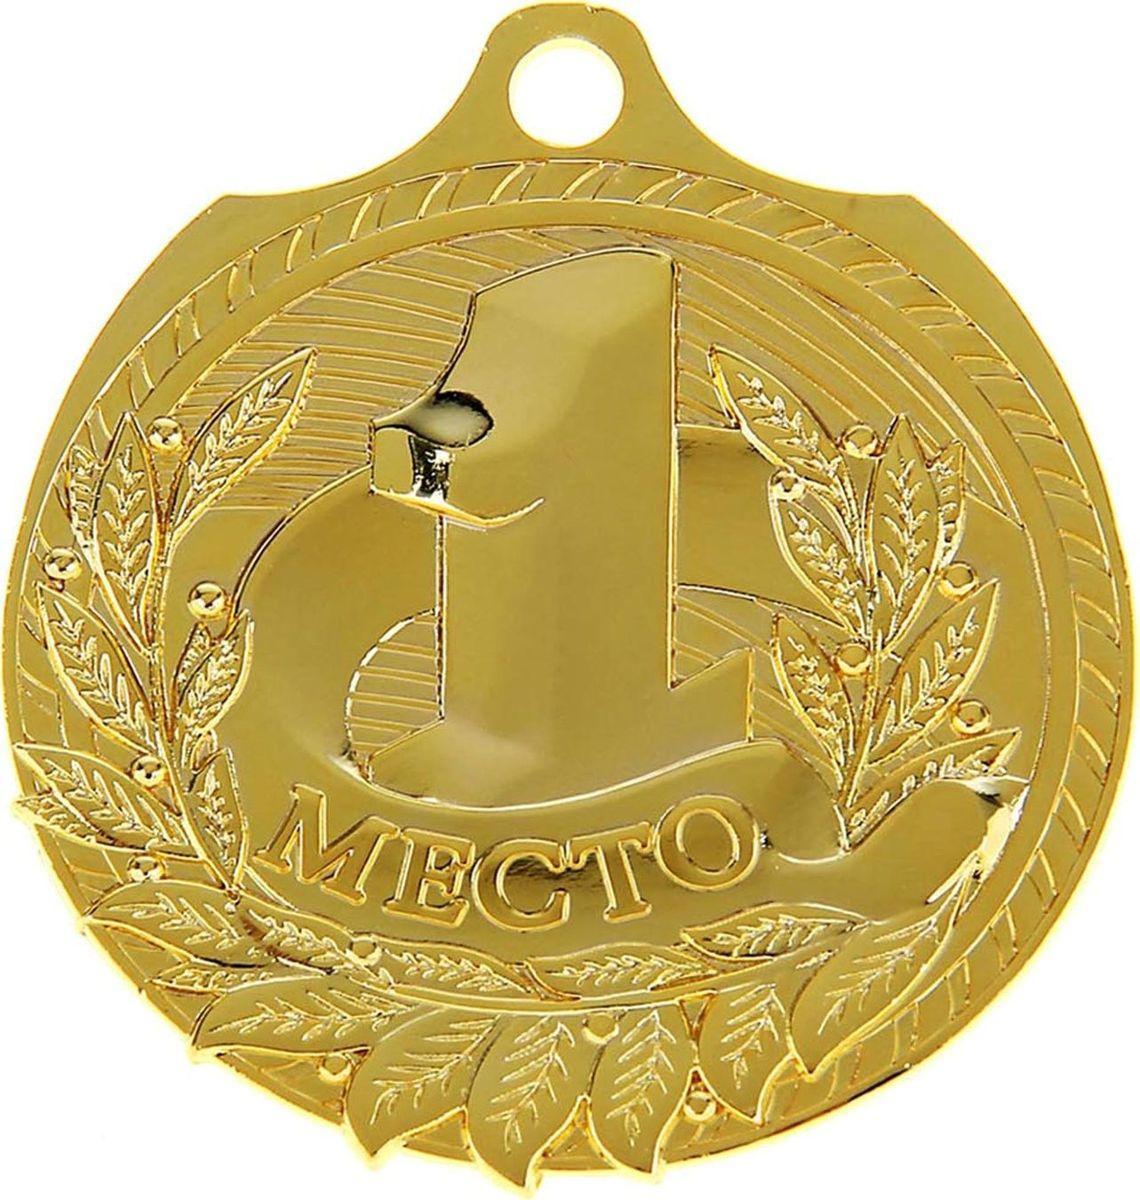 Медаль сувенирная 1 место, цвет: золотистый, диаметр 5 см. 0301040398Эта универсальная медаль с классическим дизайном подойдёт для любых соревнований. вы сможете дополнить её персональной гравировкой или корпоративной символикой.Если необходимо подчеркнуть важность домашнего или корпоративного спортивного мероприятия, то оригинальным и запоминающимся итогом соревнований будет вручение медалей участникам и победителям. Диаметр медали: 5 см. Сверху расположено отверстие для крепления ленты.